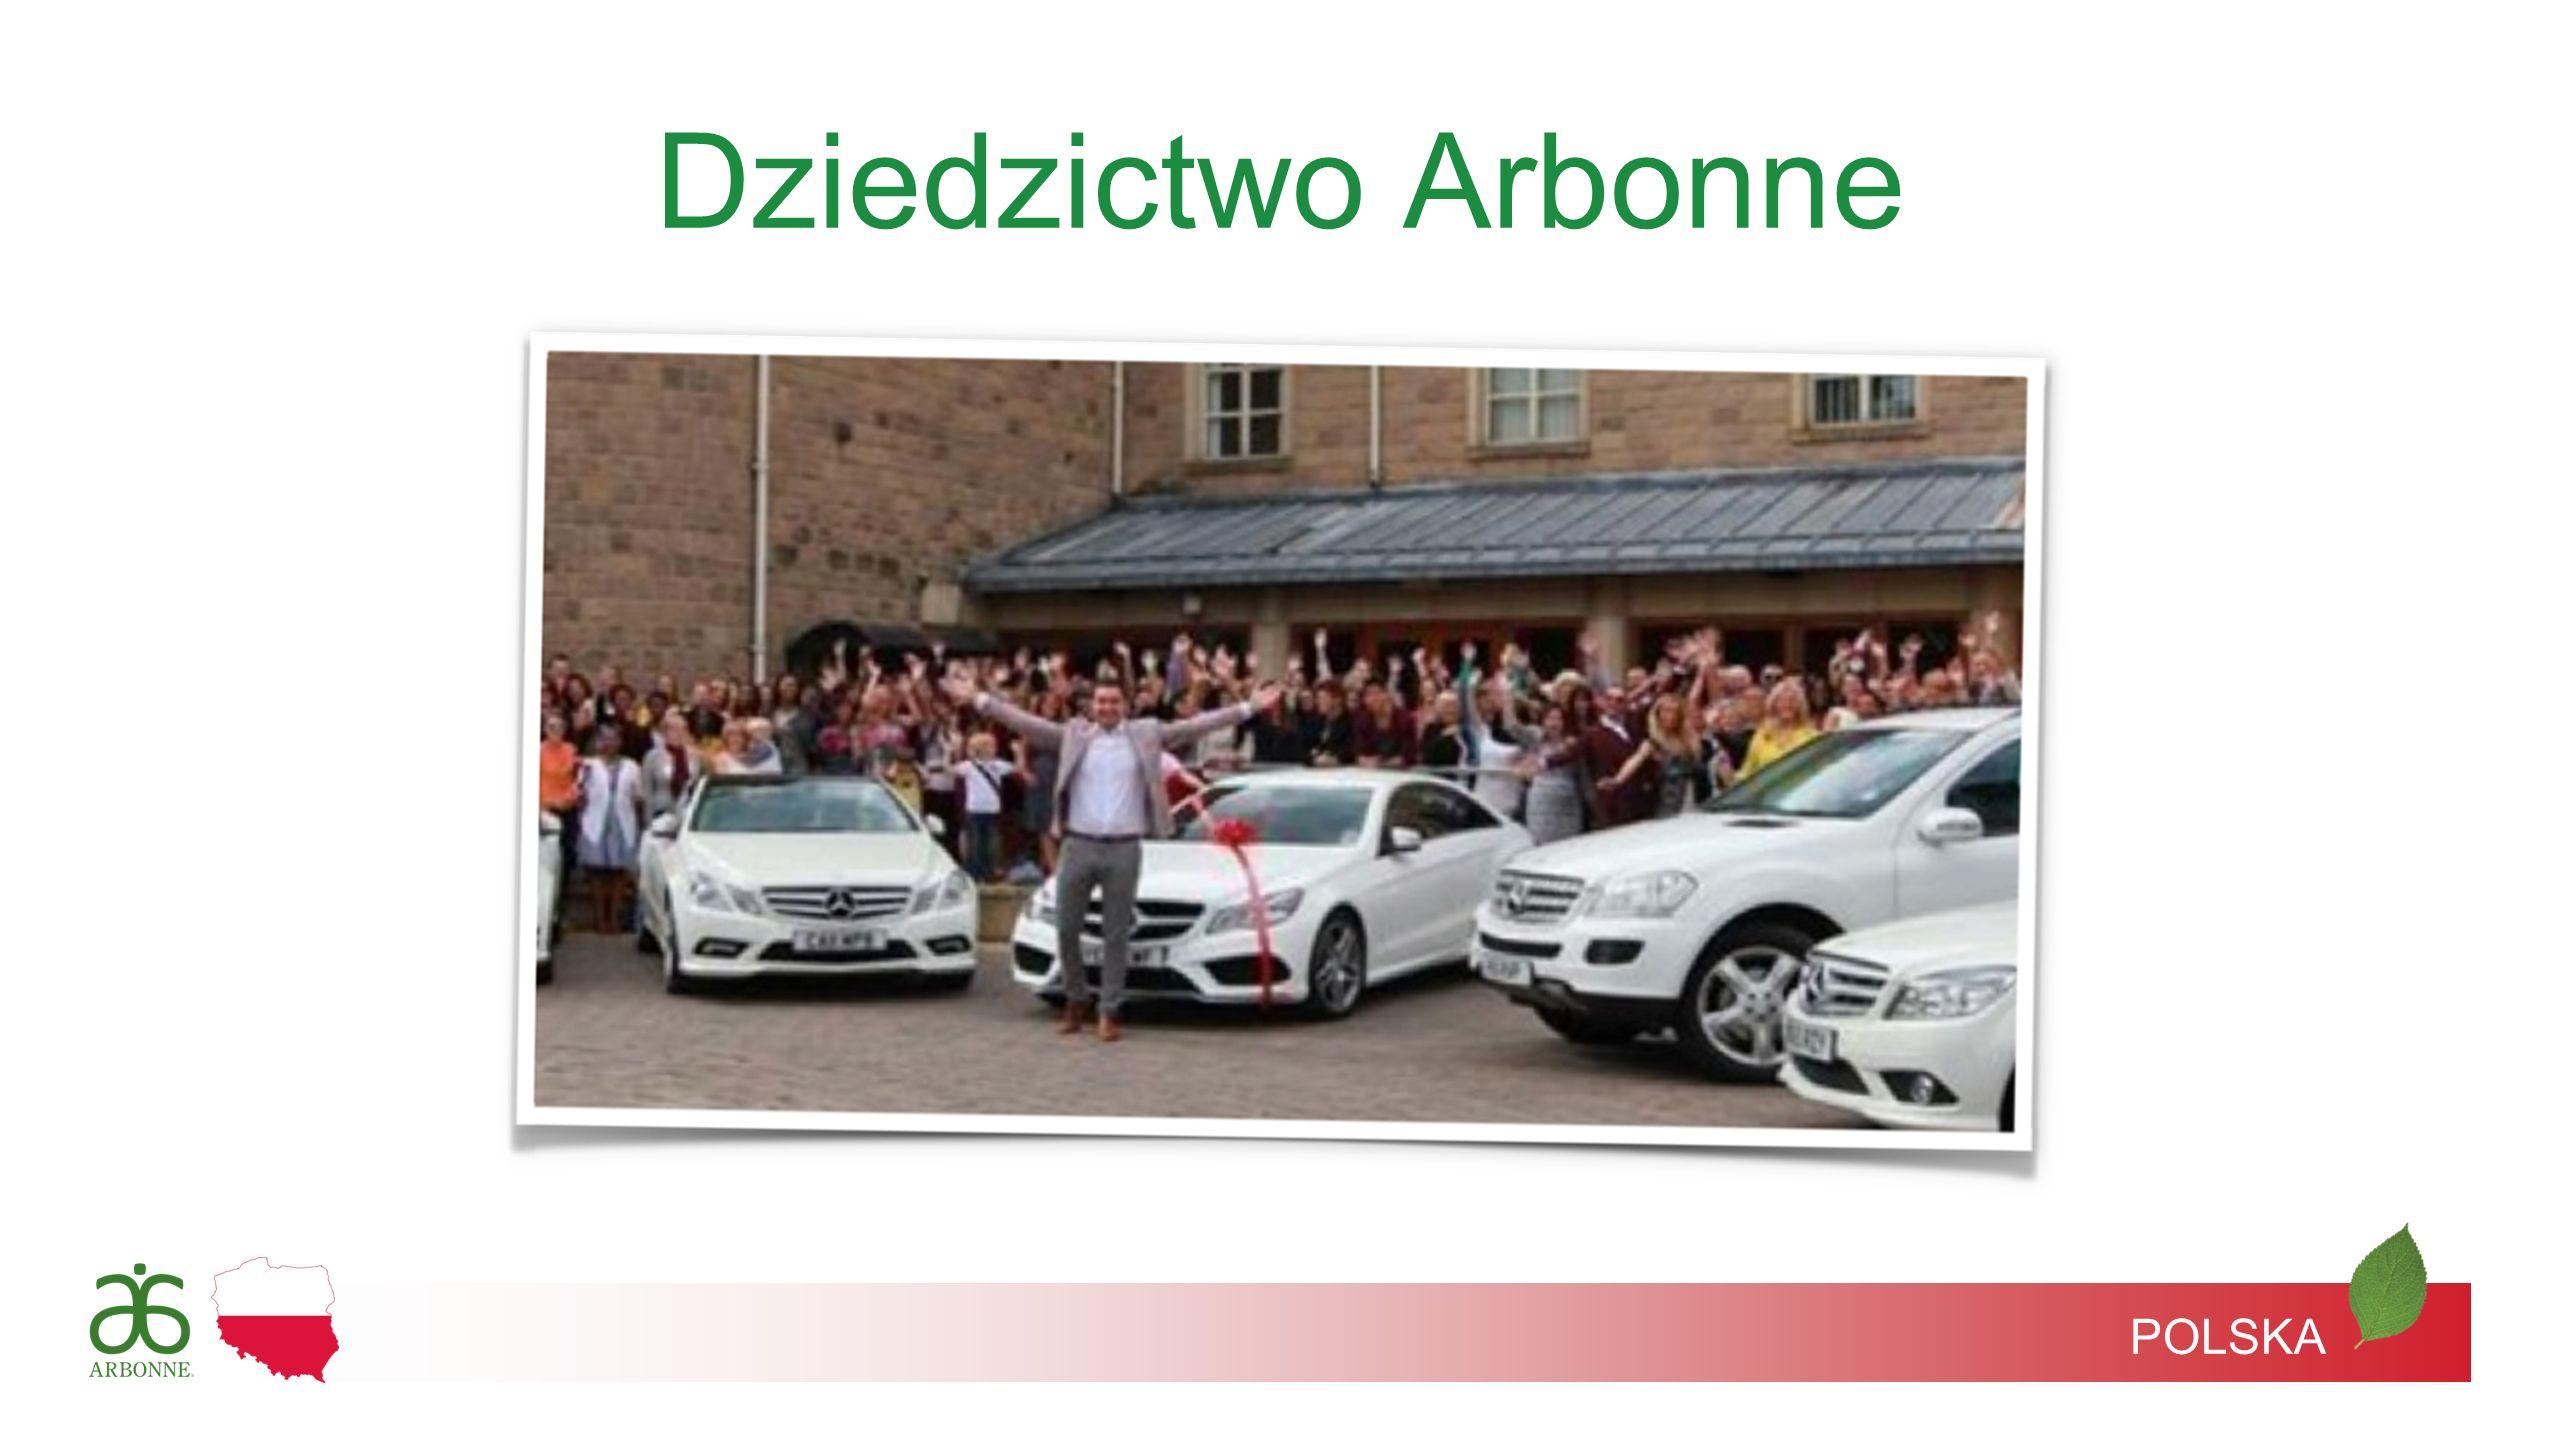 POLSKA Arbonne to marka, która przynosi rezultaty i konkuruje na rynku prestiżowych produktów opierających się na wysokiej jakości recepturach oraz na luksusowych i efektywnych składnikach Prestiż Masstige Masowość